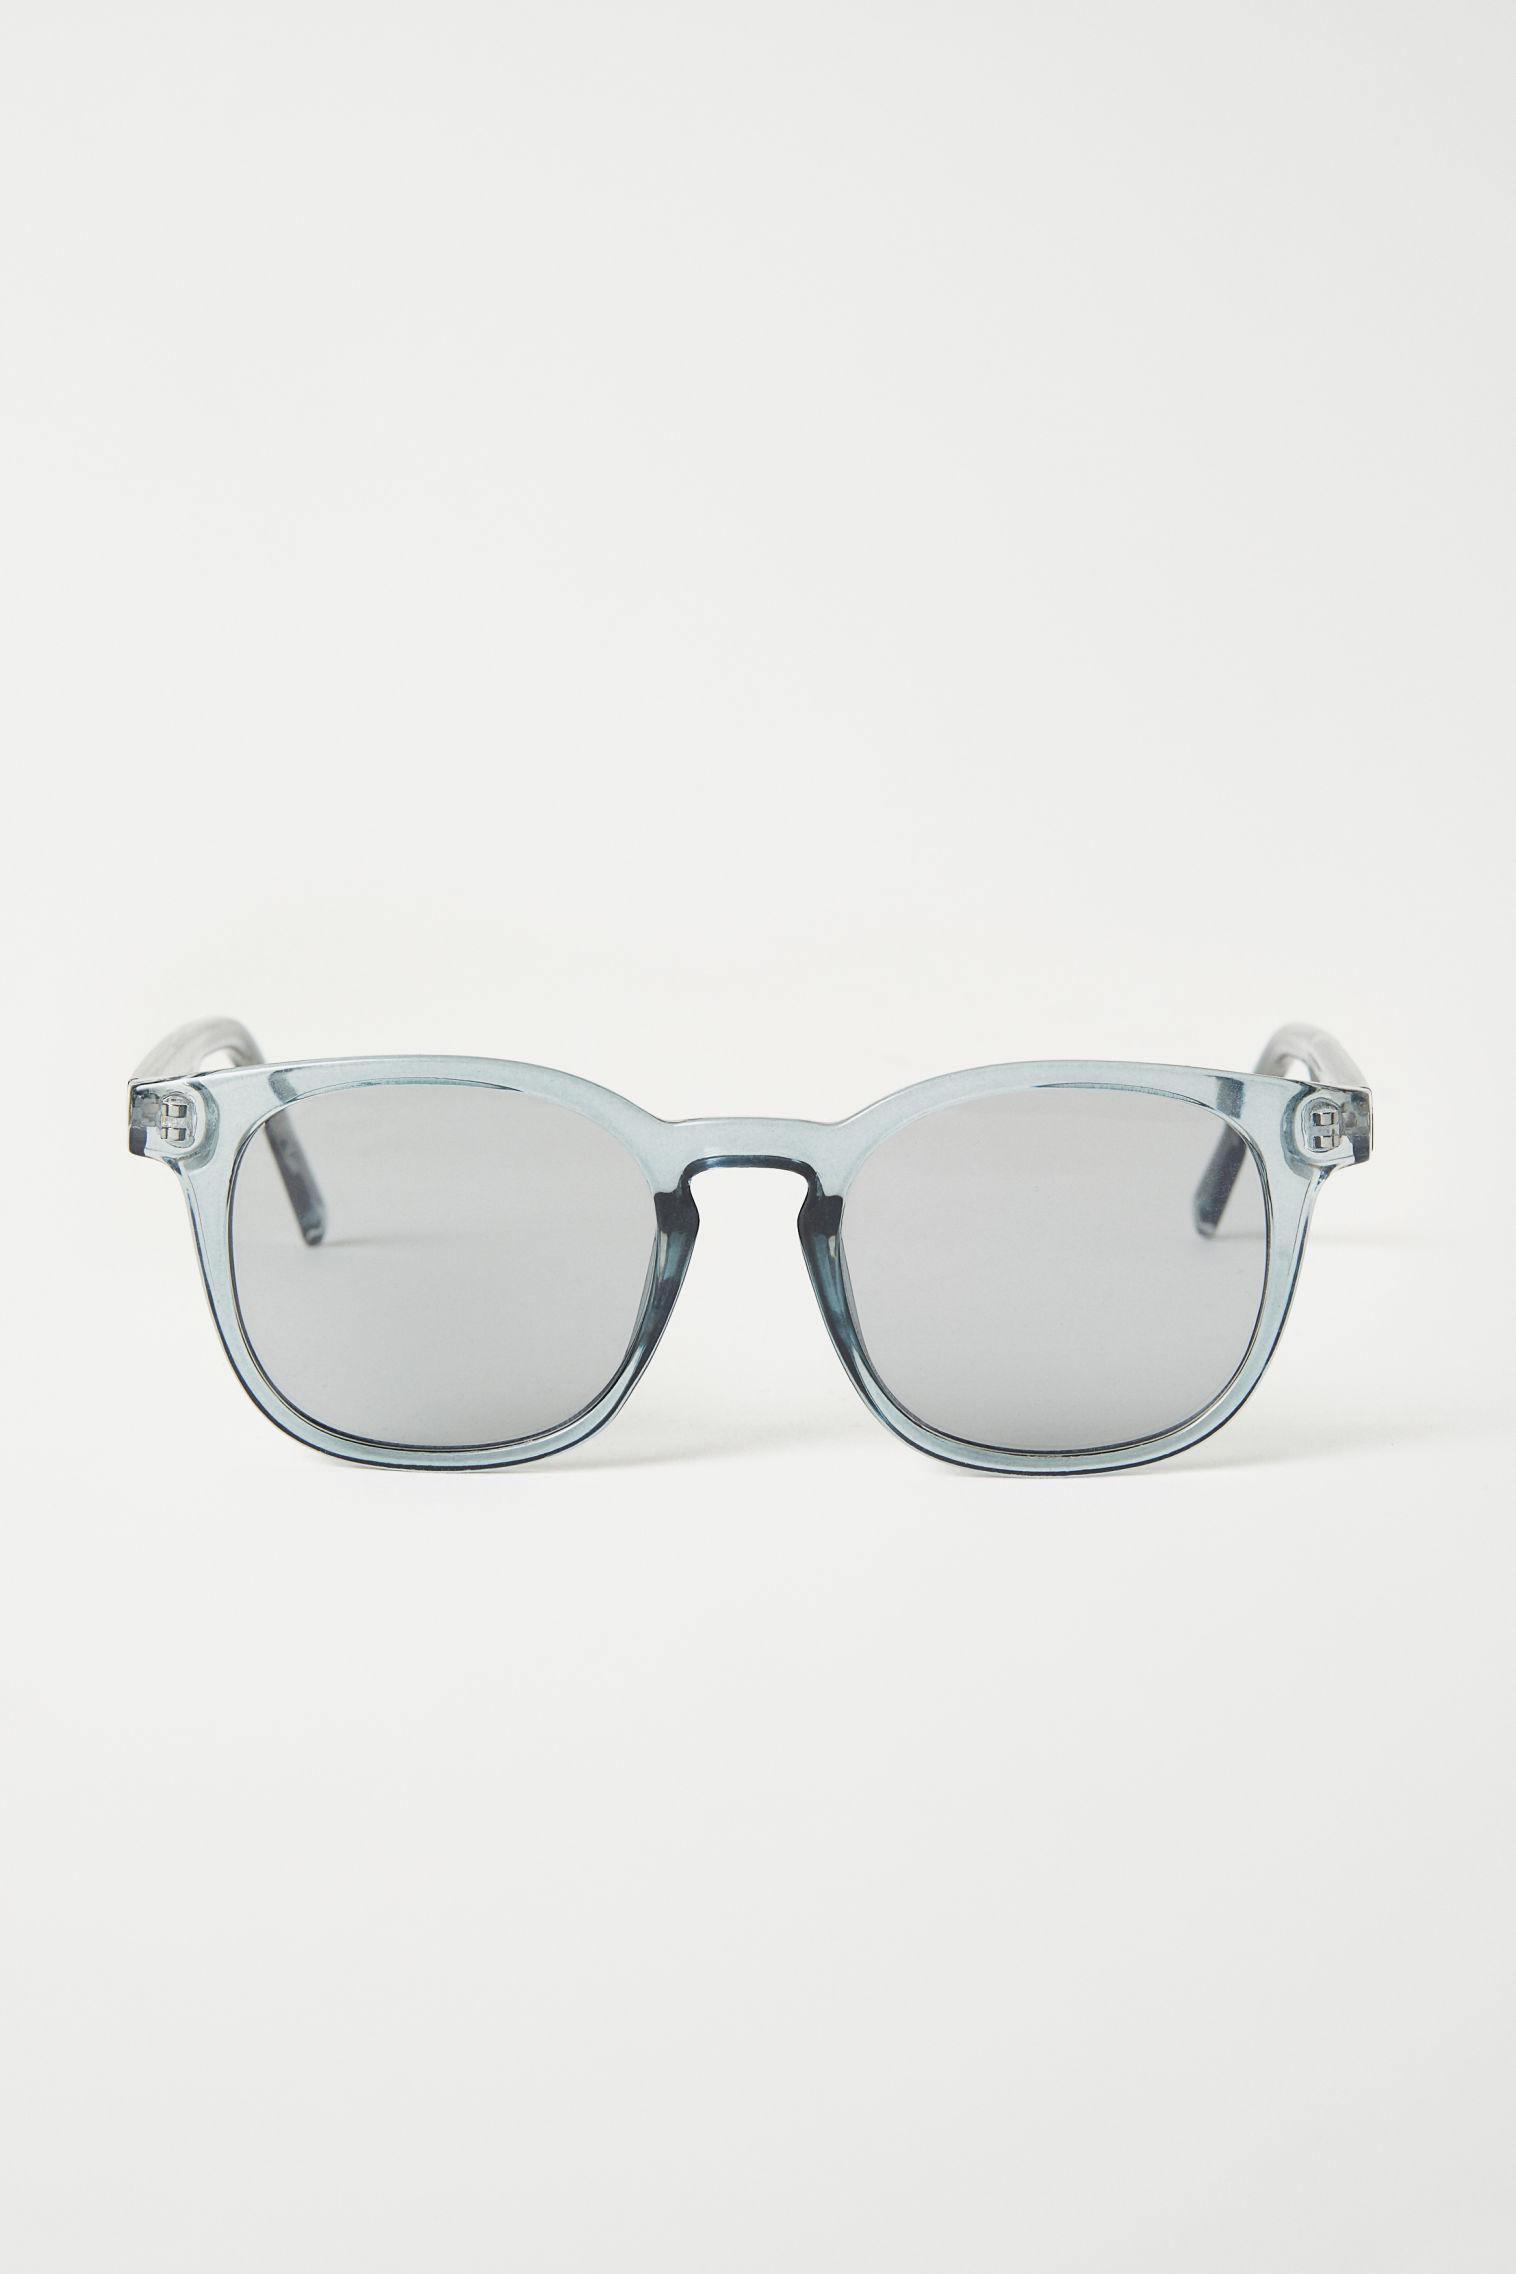 77c0da0952 H M Sunglasses in Blue for Men - Lyst